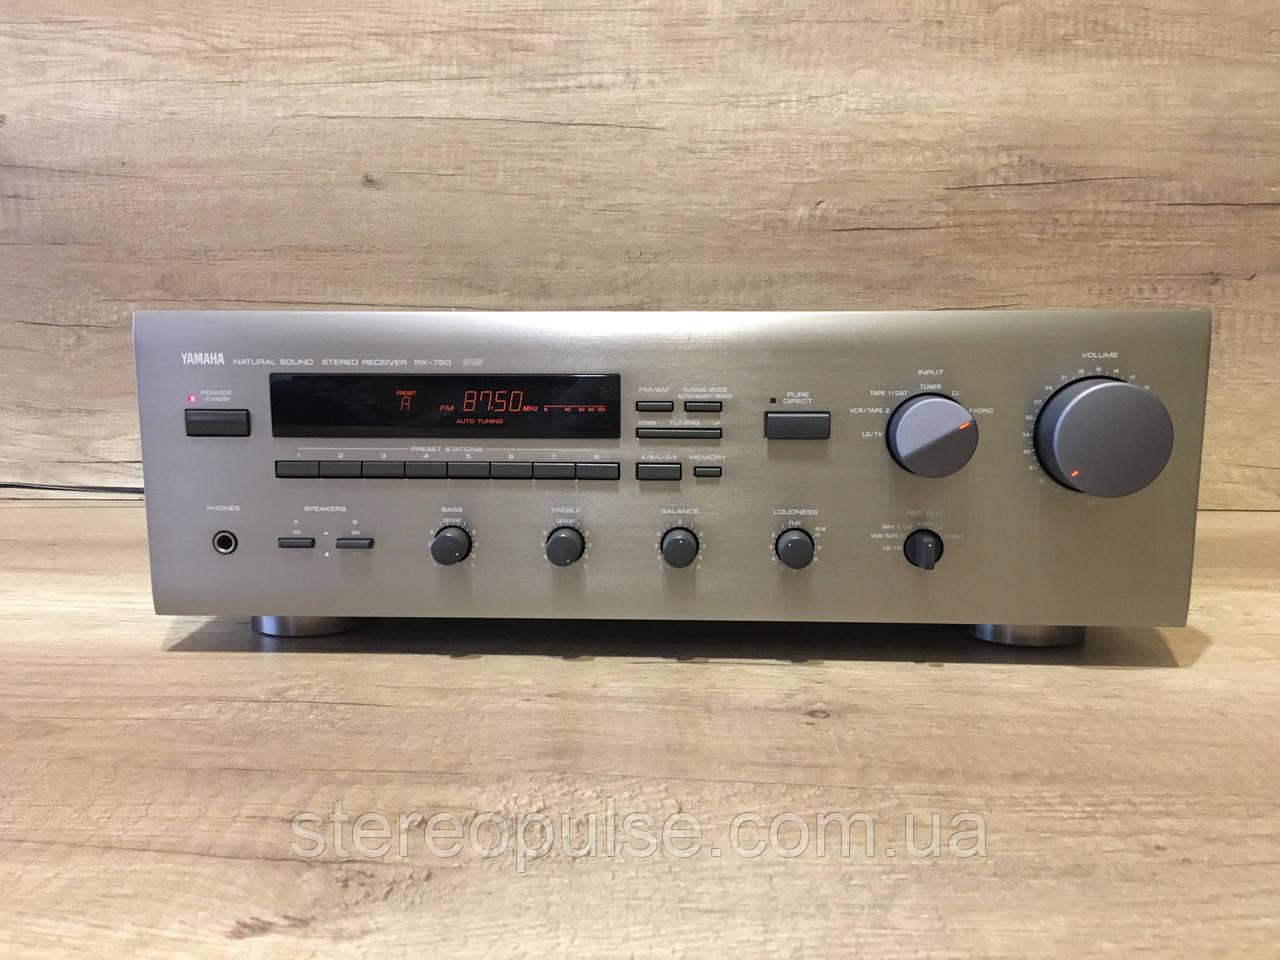 Стерео ресивер Yamaha RX-750 (Japan)